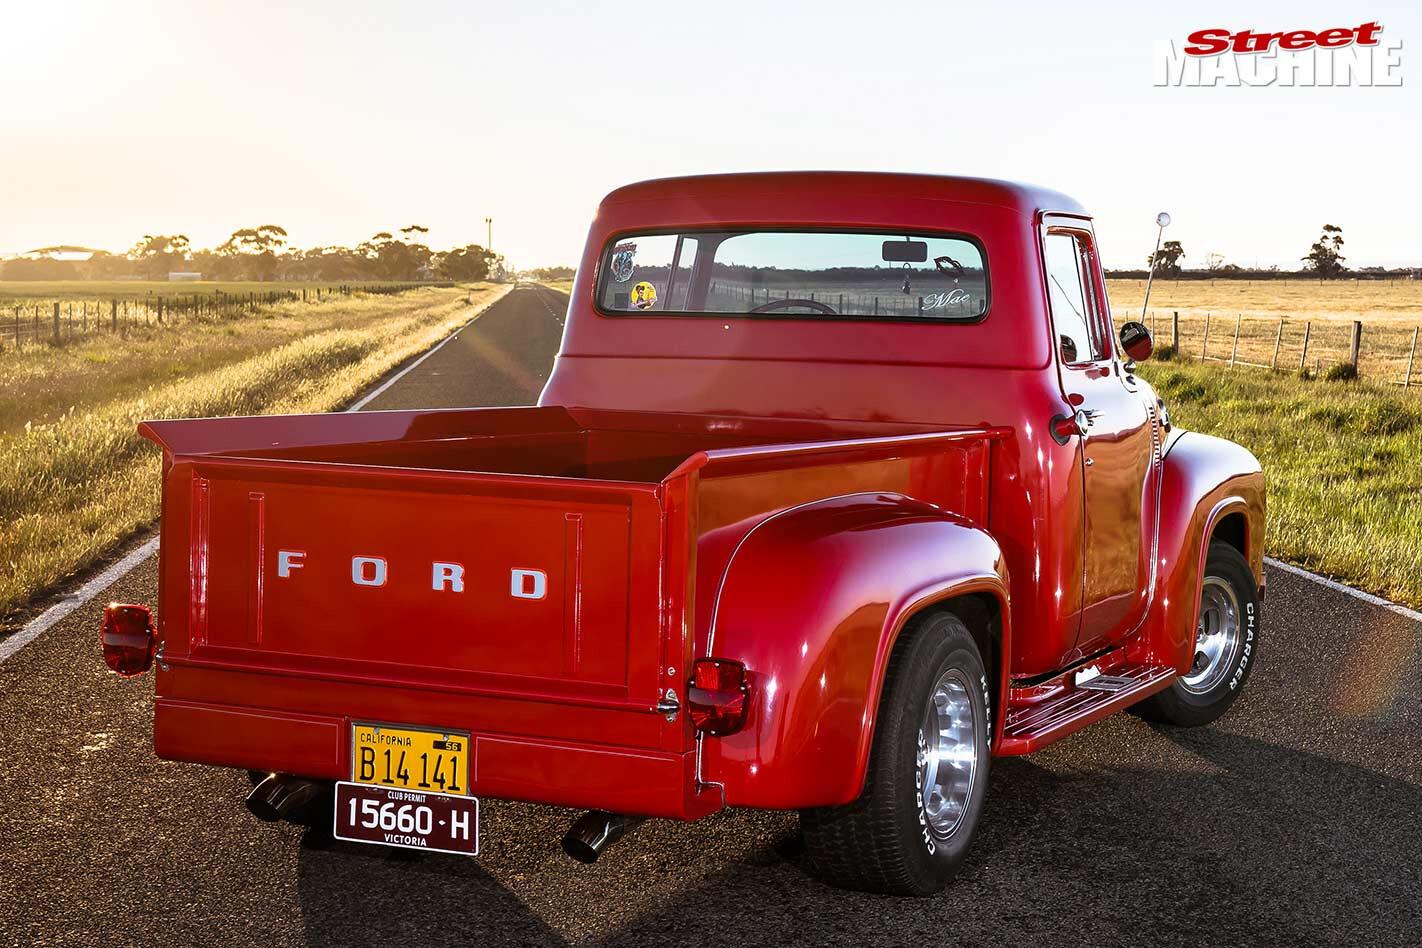 Ford F100 rear